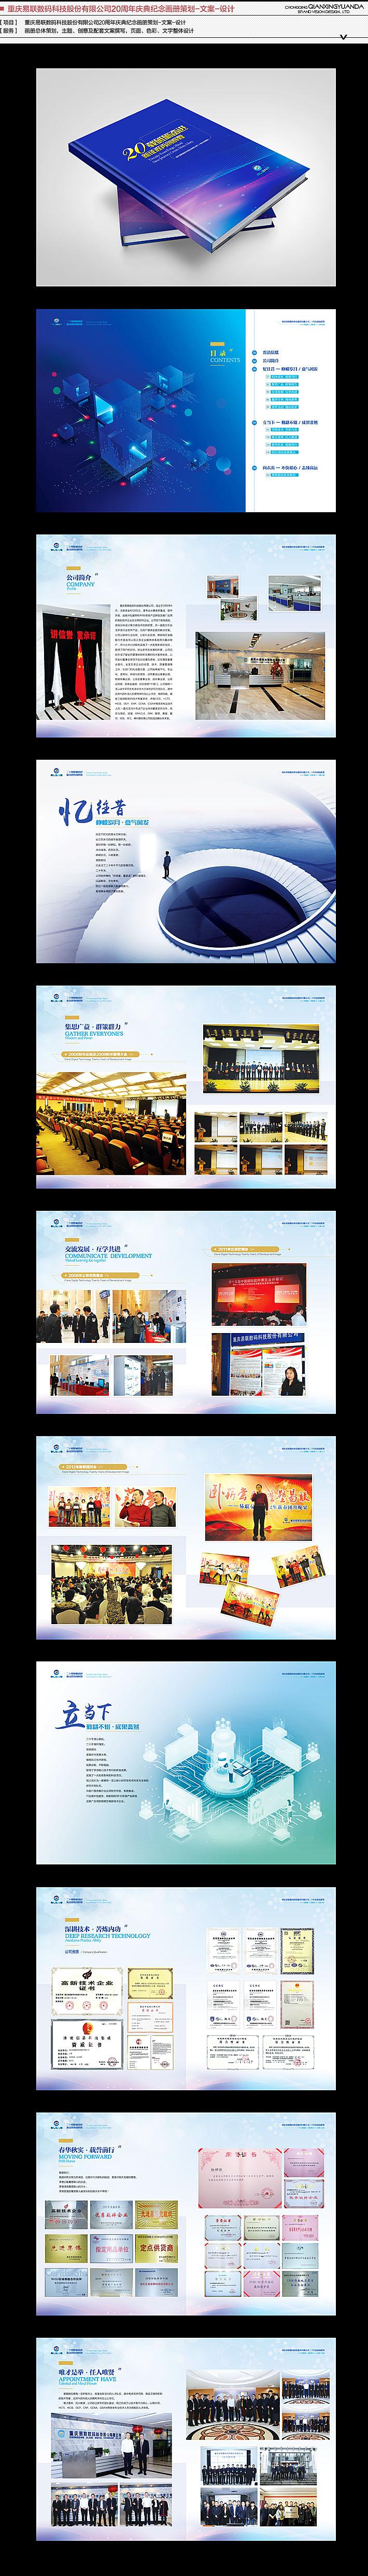 宣传册,周年,庆典,亚博体育app官方下载苹果,yabo16app公司